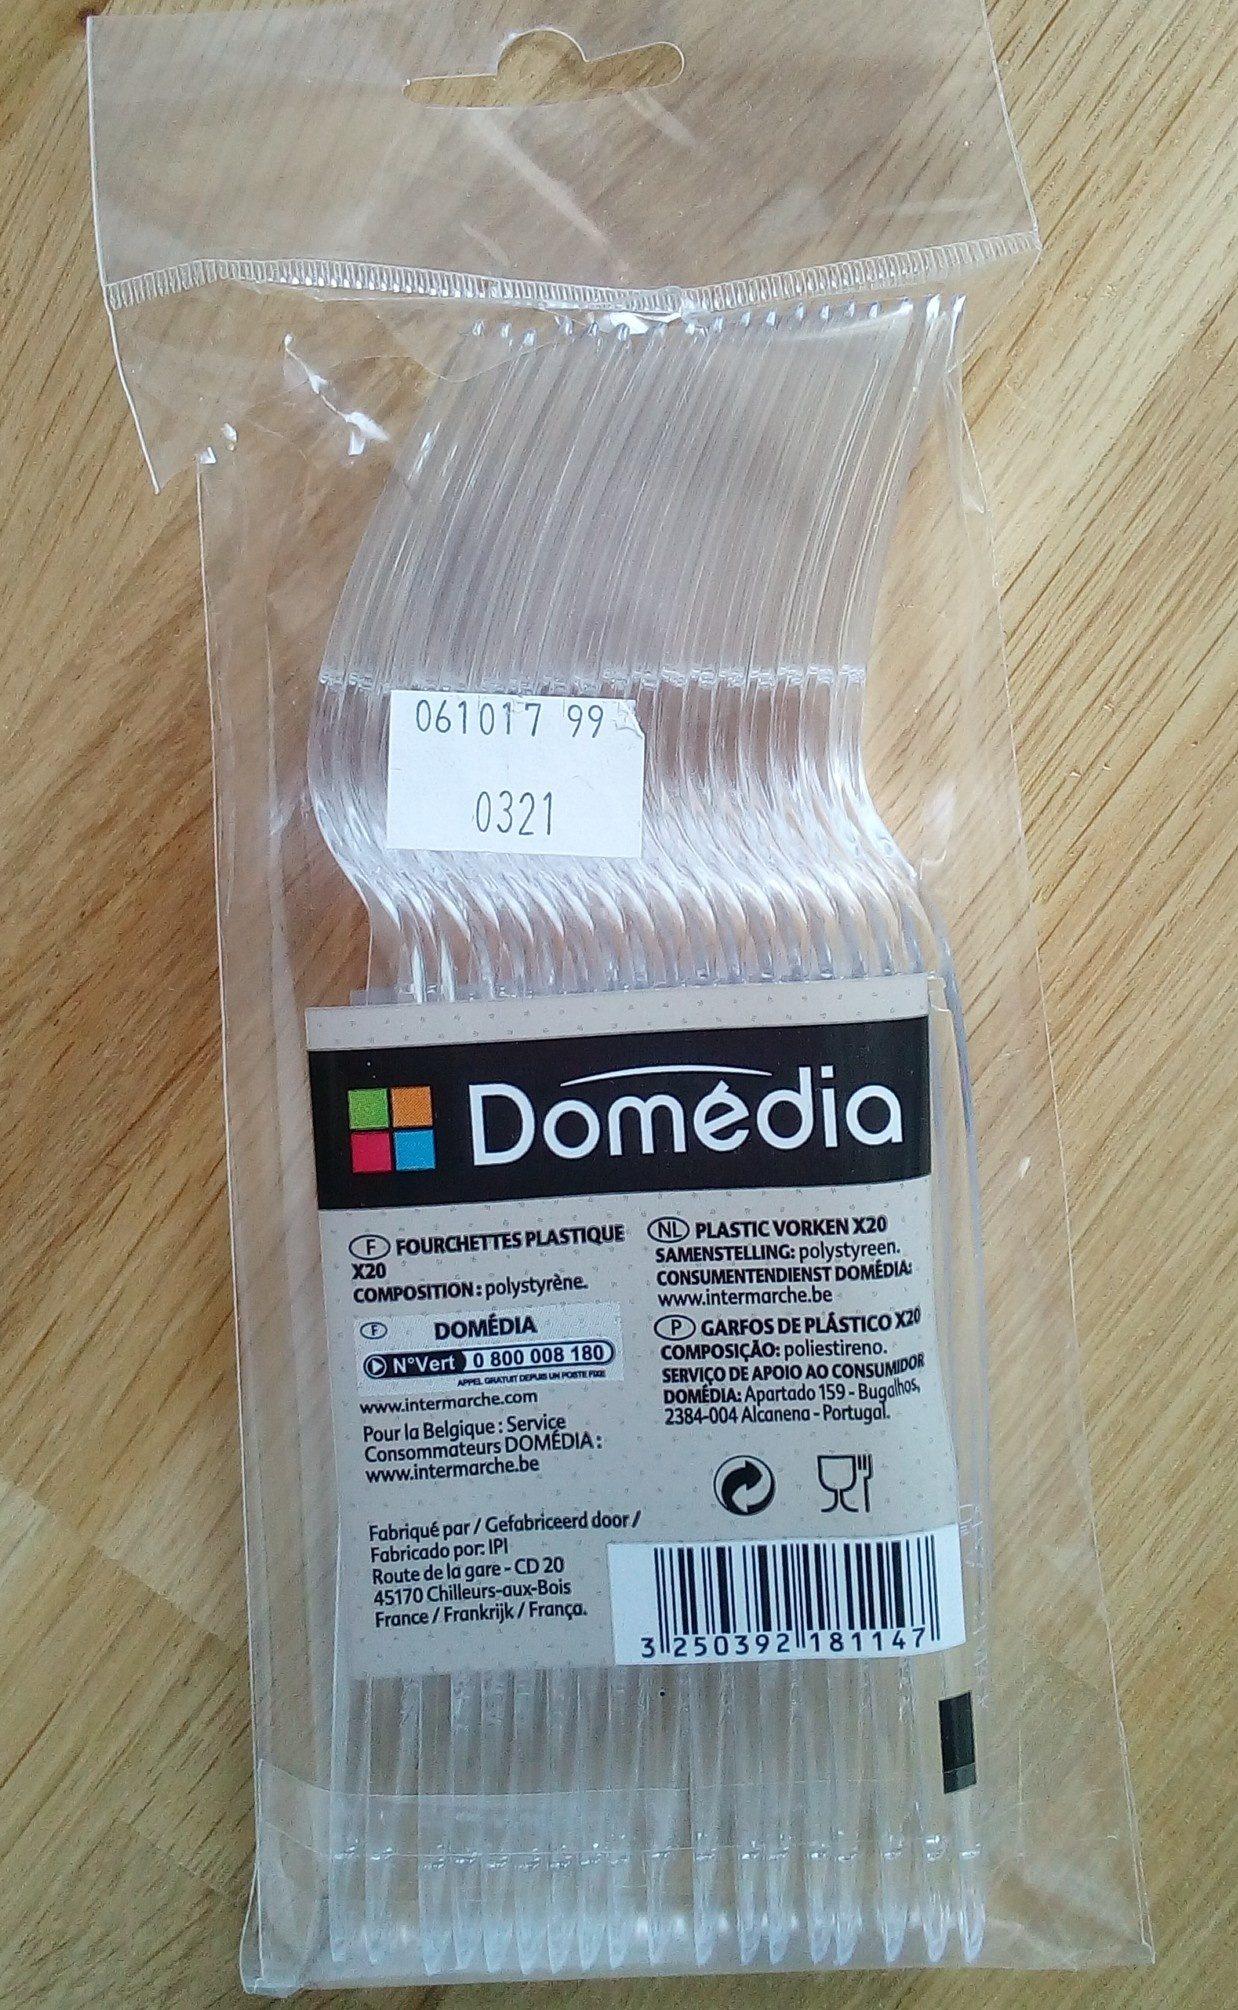 Fourchettes plastiques - Produit